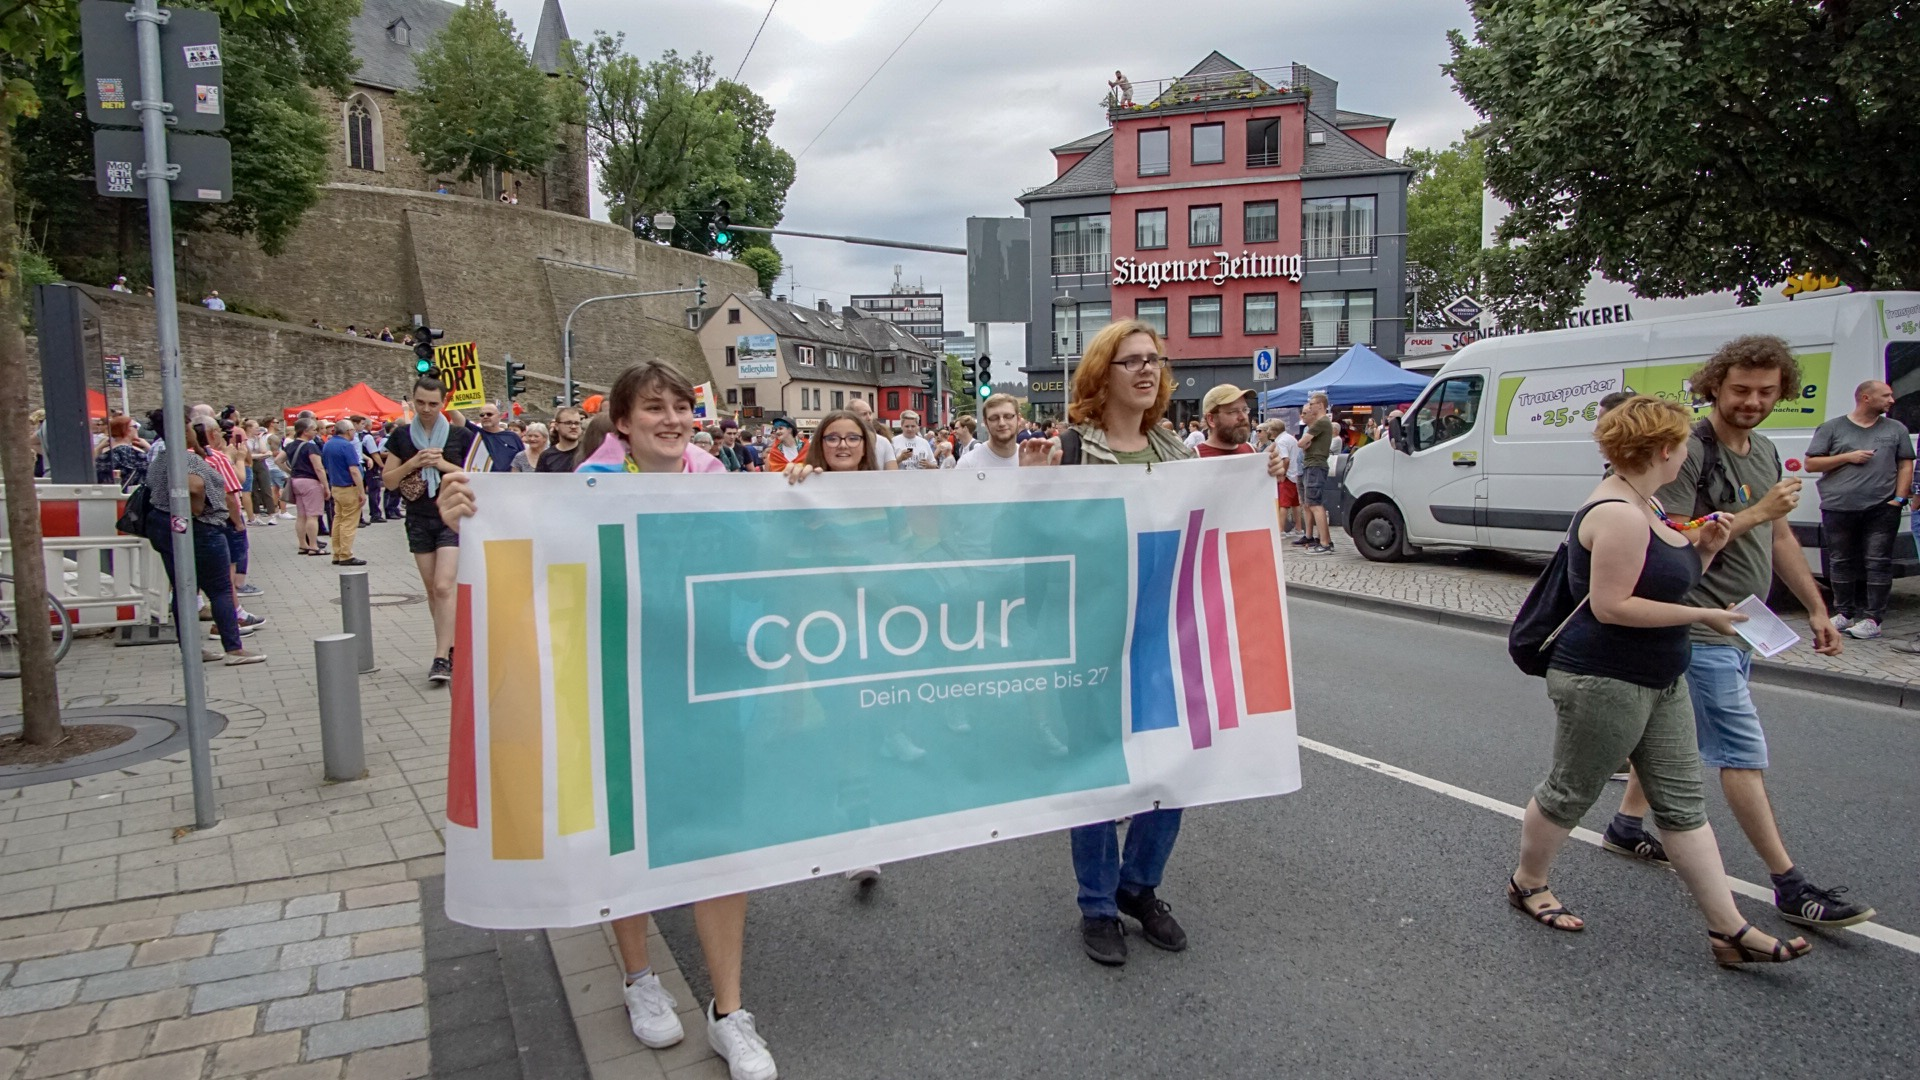 Das Bild zeigt Menschen bei der CSD Demo mit einem Banner von Colour Siegen